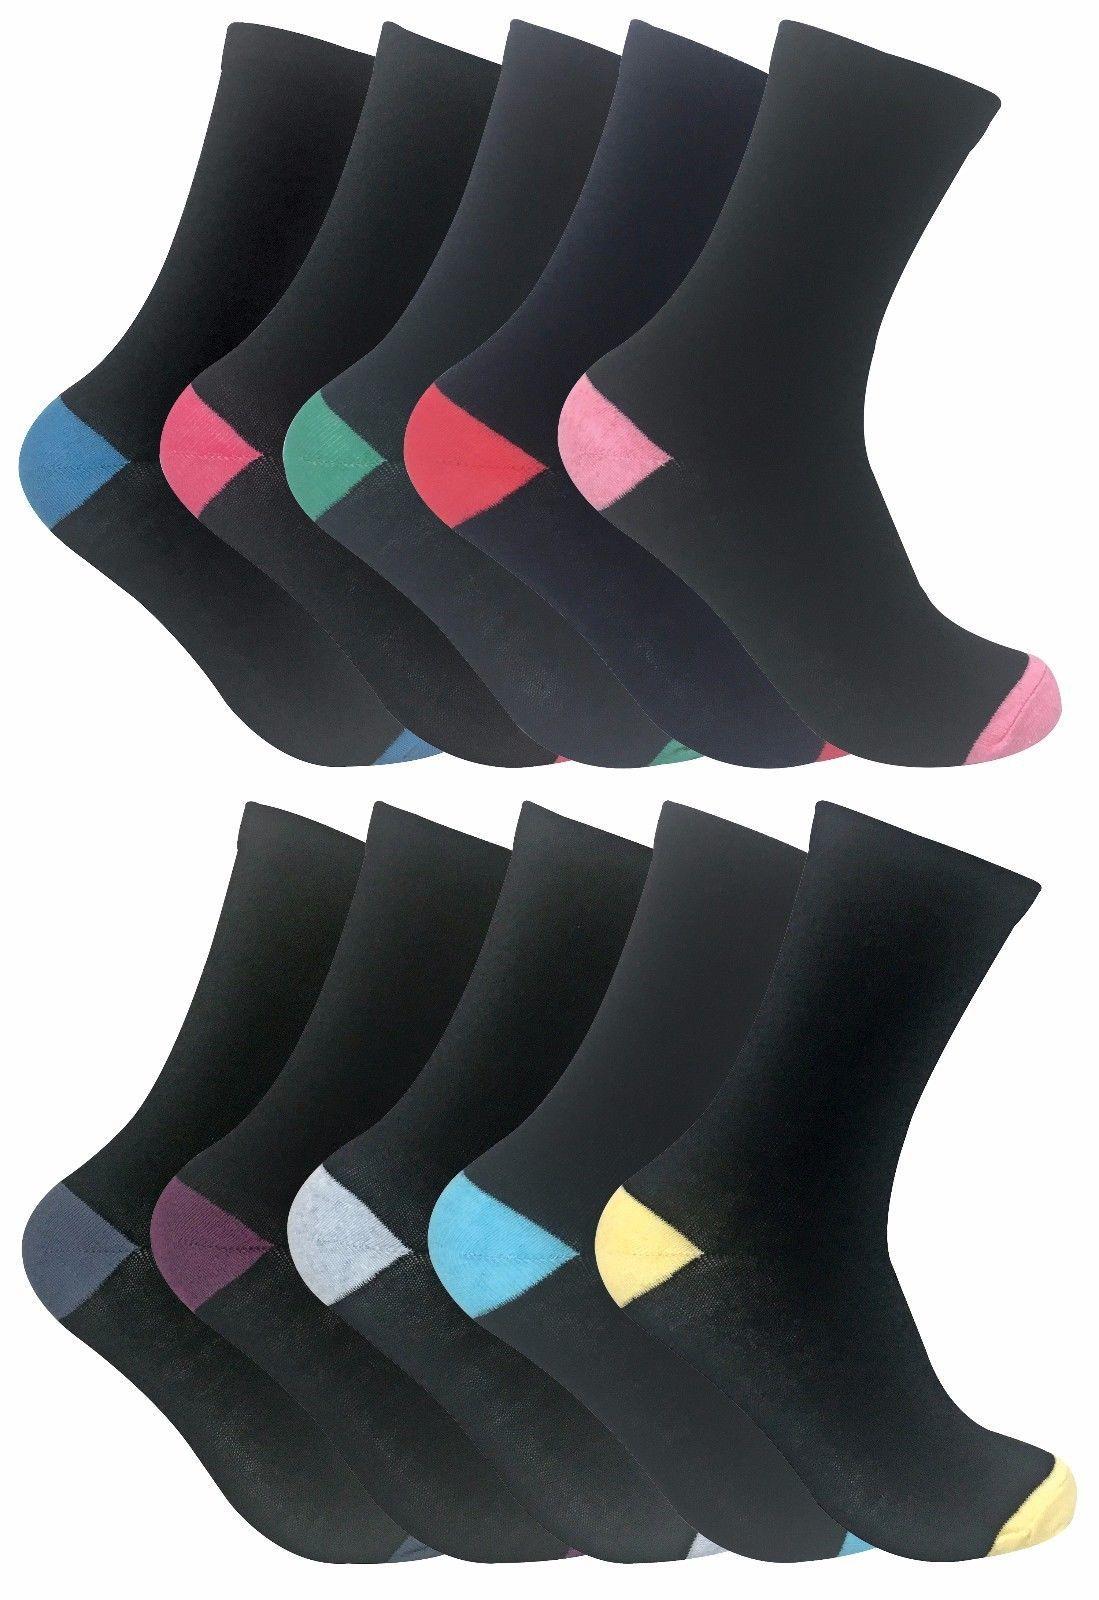 Sock Snob - 5 Paires Femme Coton Noires Fantaisie Doux Colorés Chaussettes